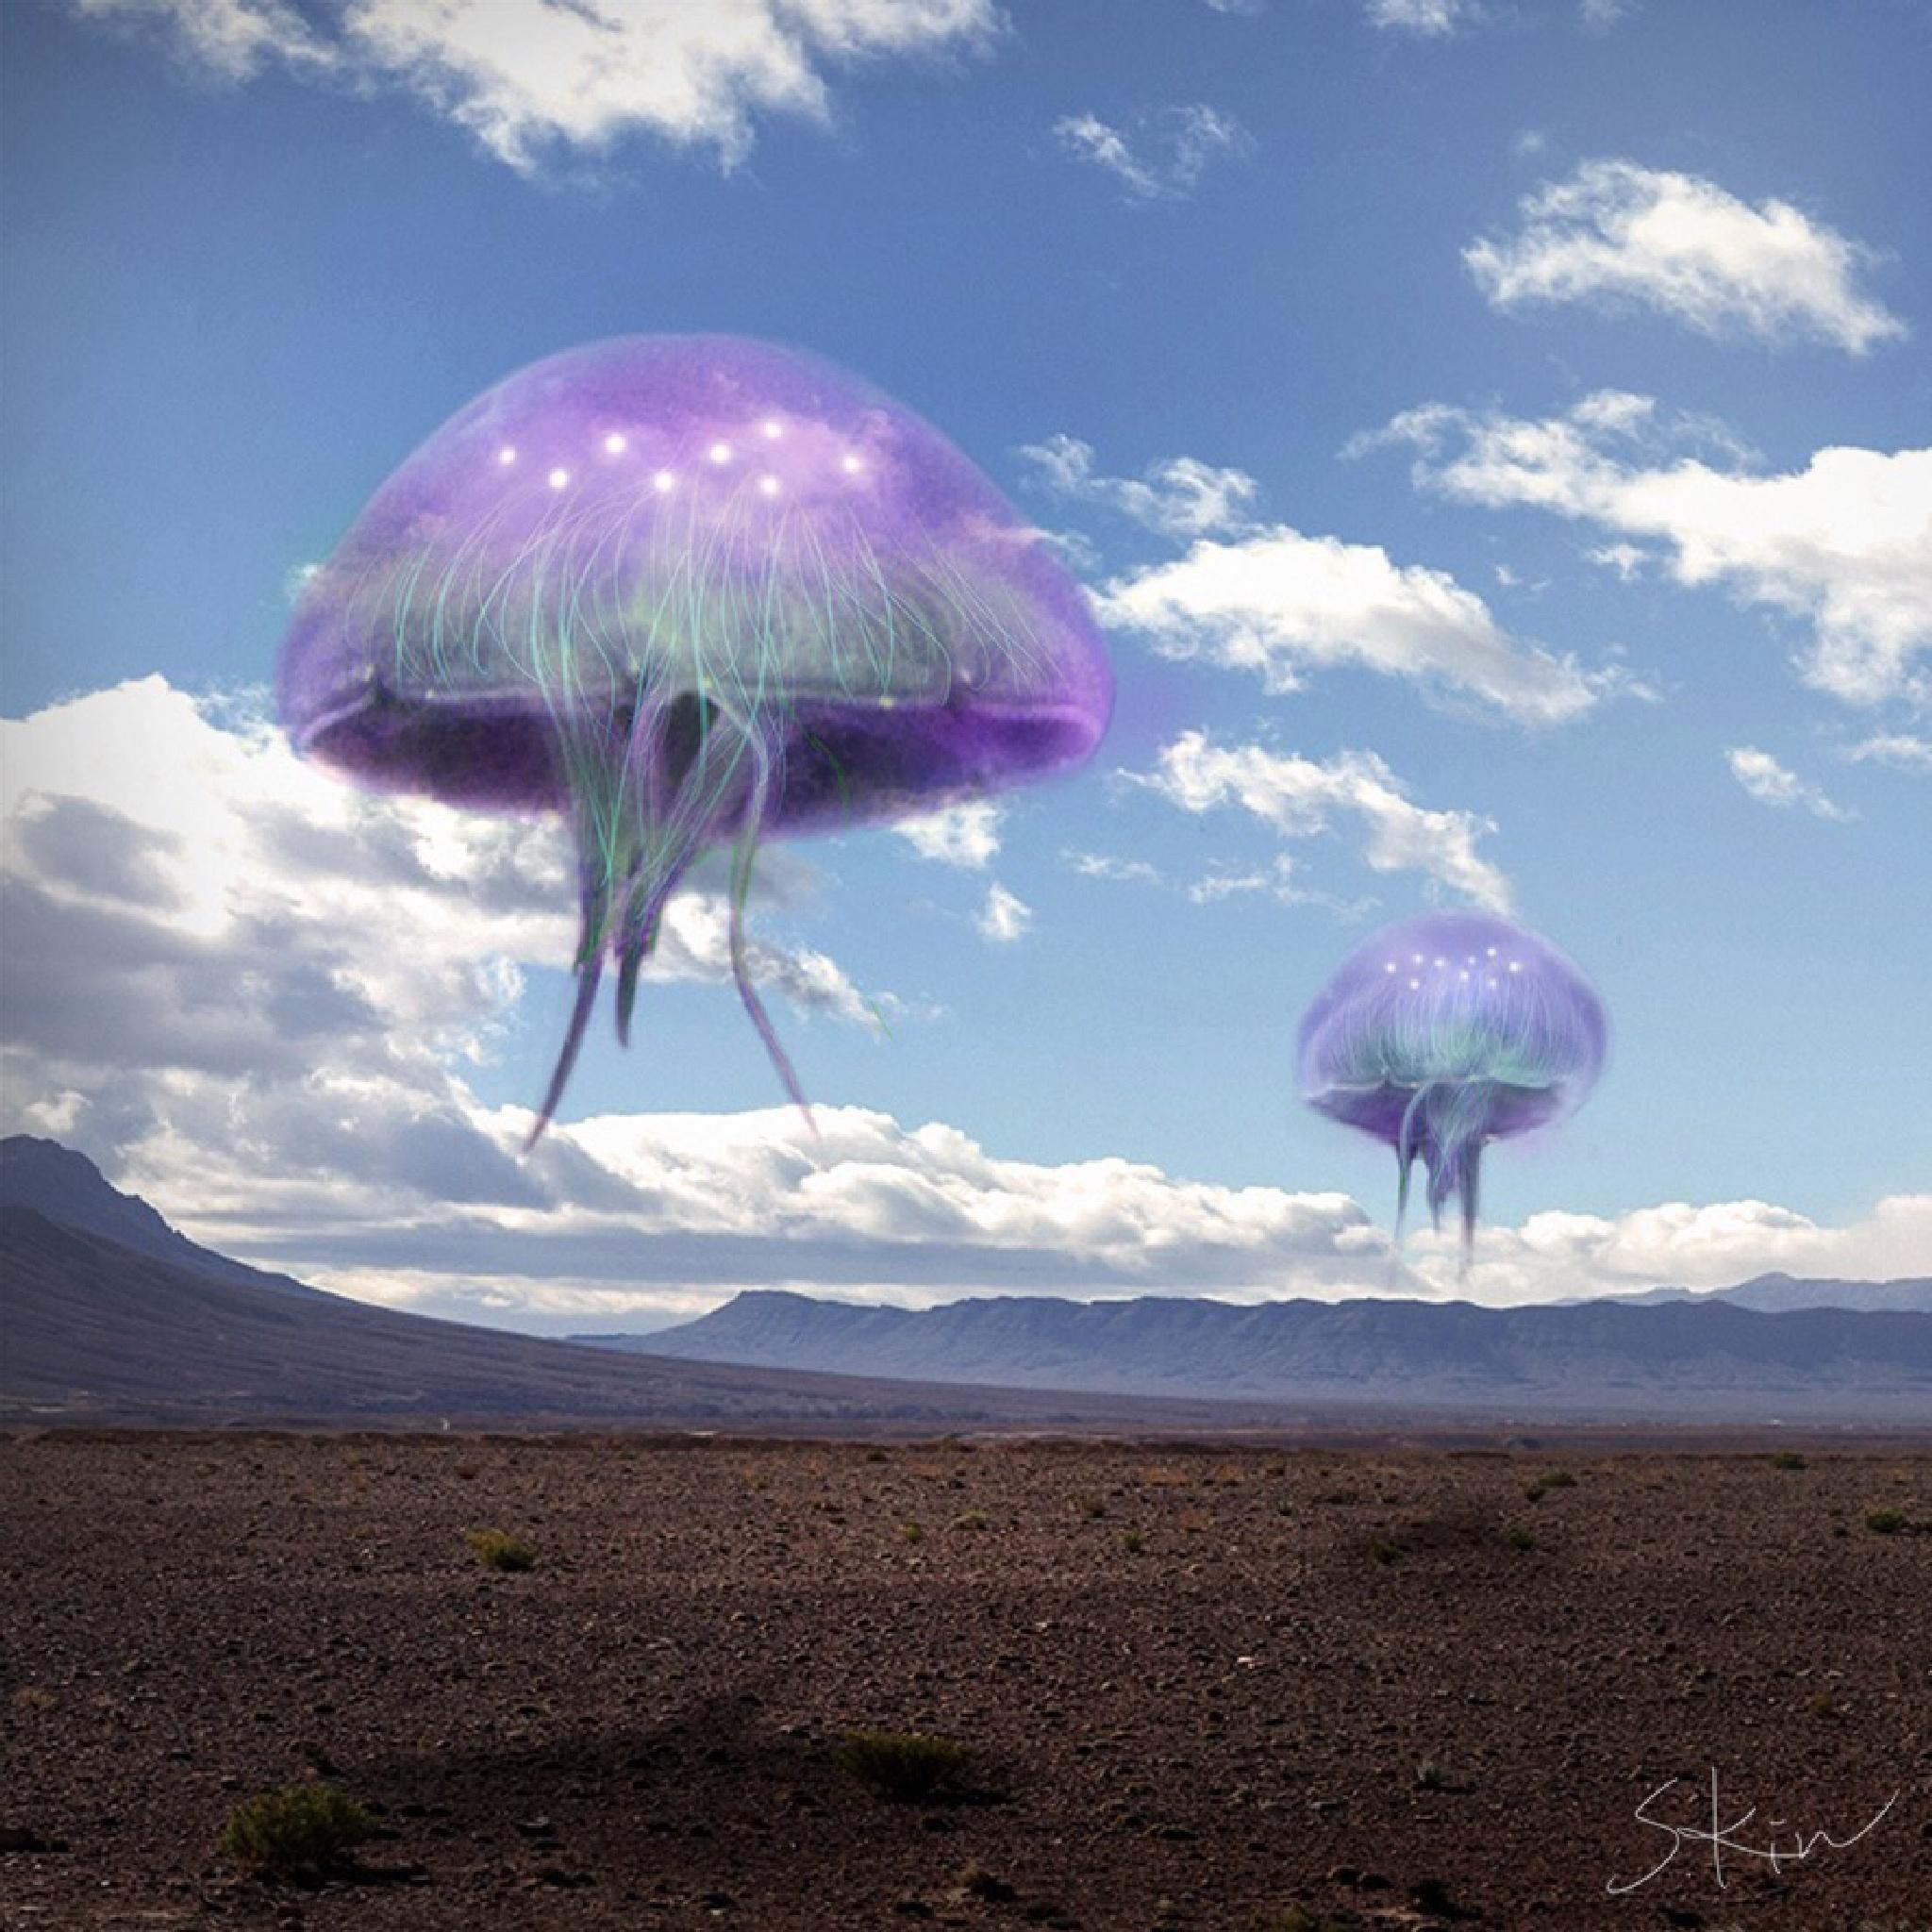 Jellyfish by Surrealism -Steven Kin